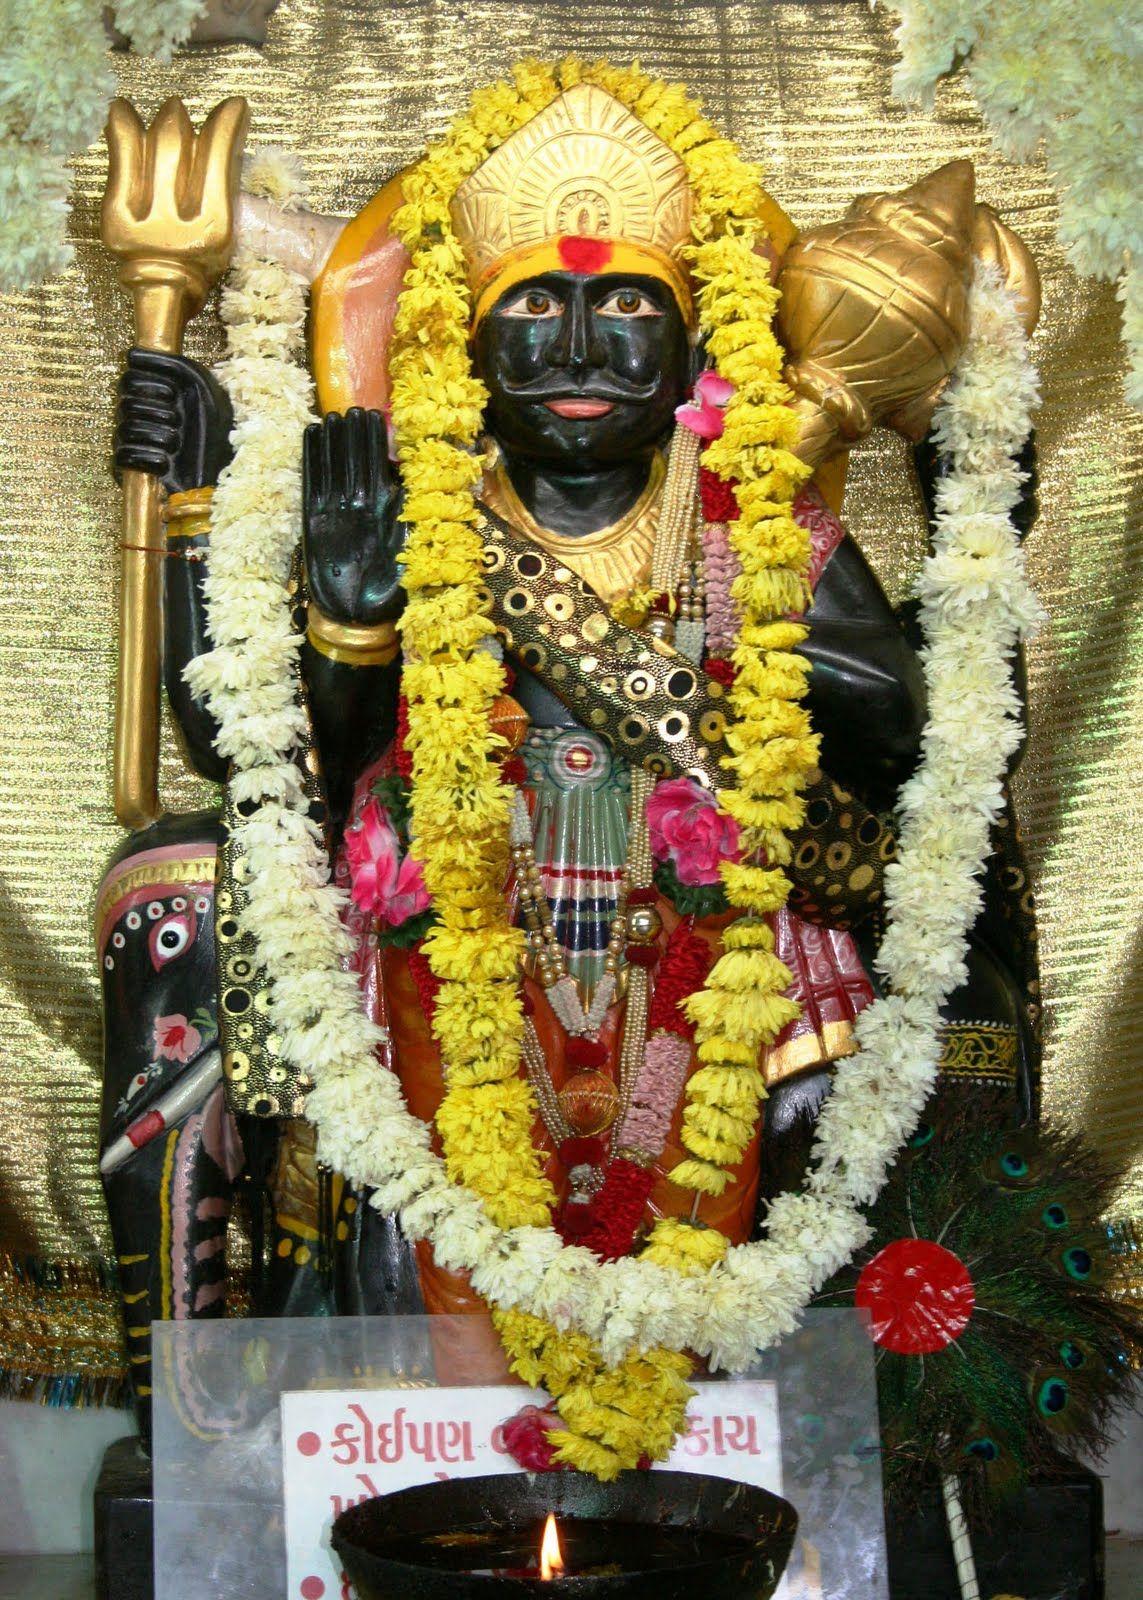 Shani dev is one of navagrah in hindu astrology lord shani dev embodied in planet shani saturn shani dev puja in austria vienna